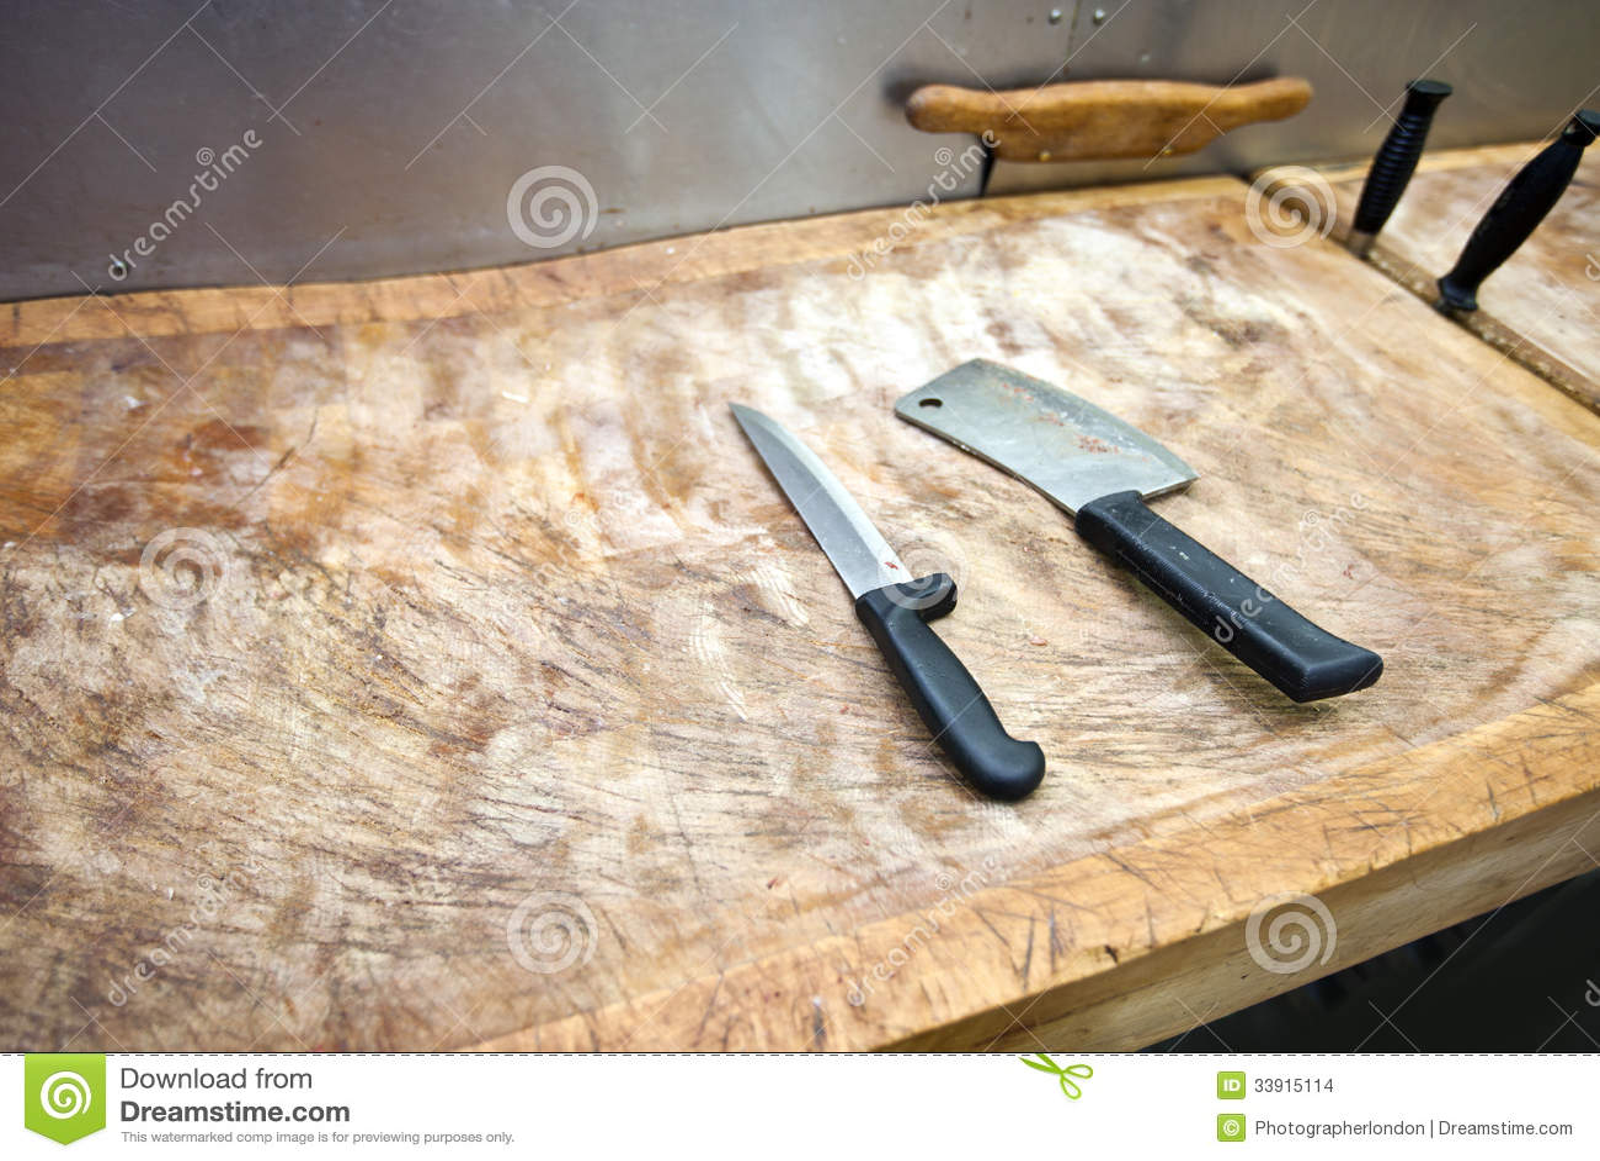 couteau de boucher sur la planche d couper dans le supermarch images stock image 33915114. Black Bedroom Furniture Sets. Home Design Ideas